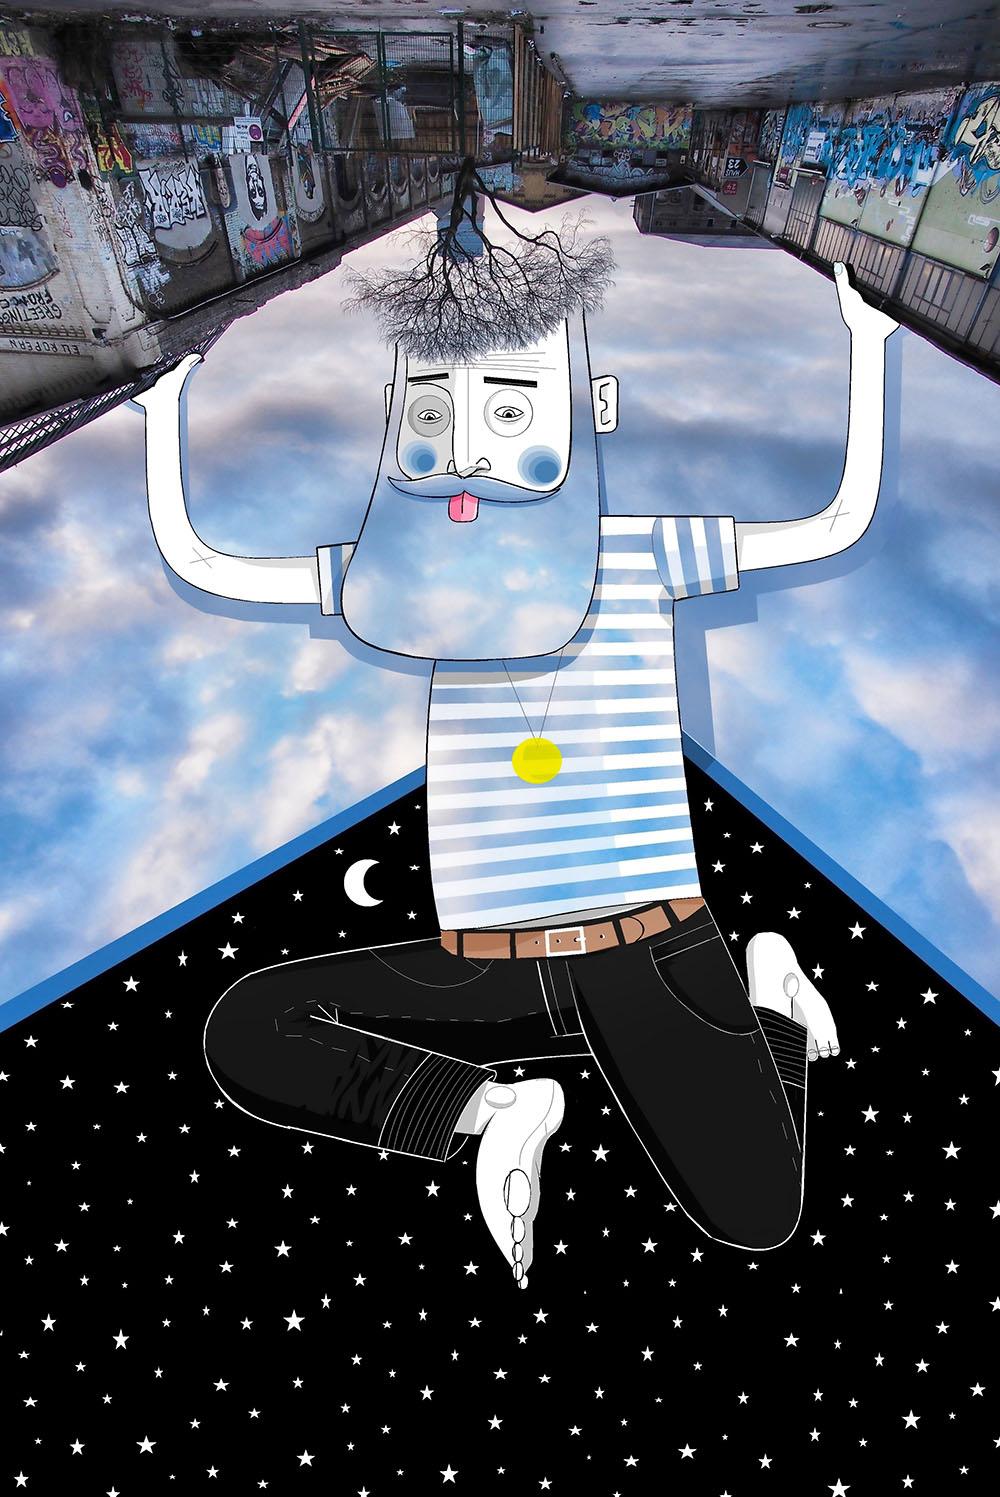 Lago Azul Capitolio Zarpo Magazine likewise Os Destinos De Dois Encantadores Estados Da Regiao Sudeste furthermore E Ef further P likewise Icon Uni Lyria. on mag os